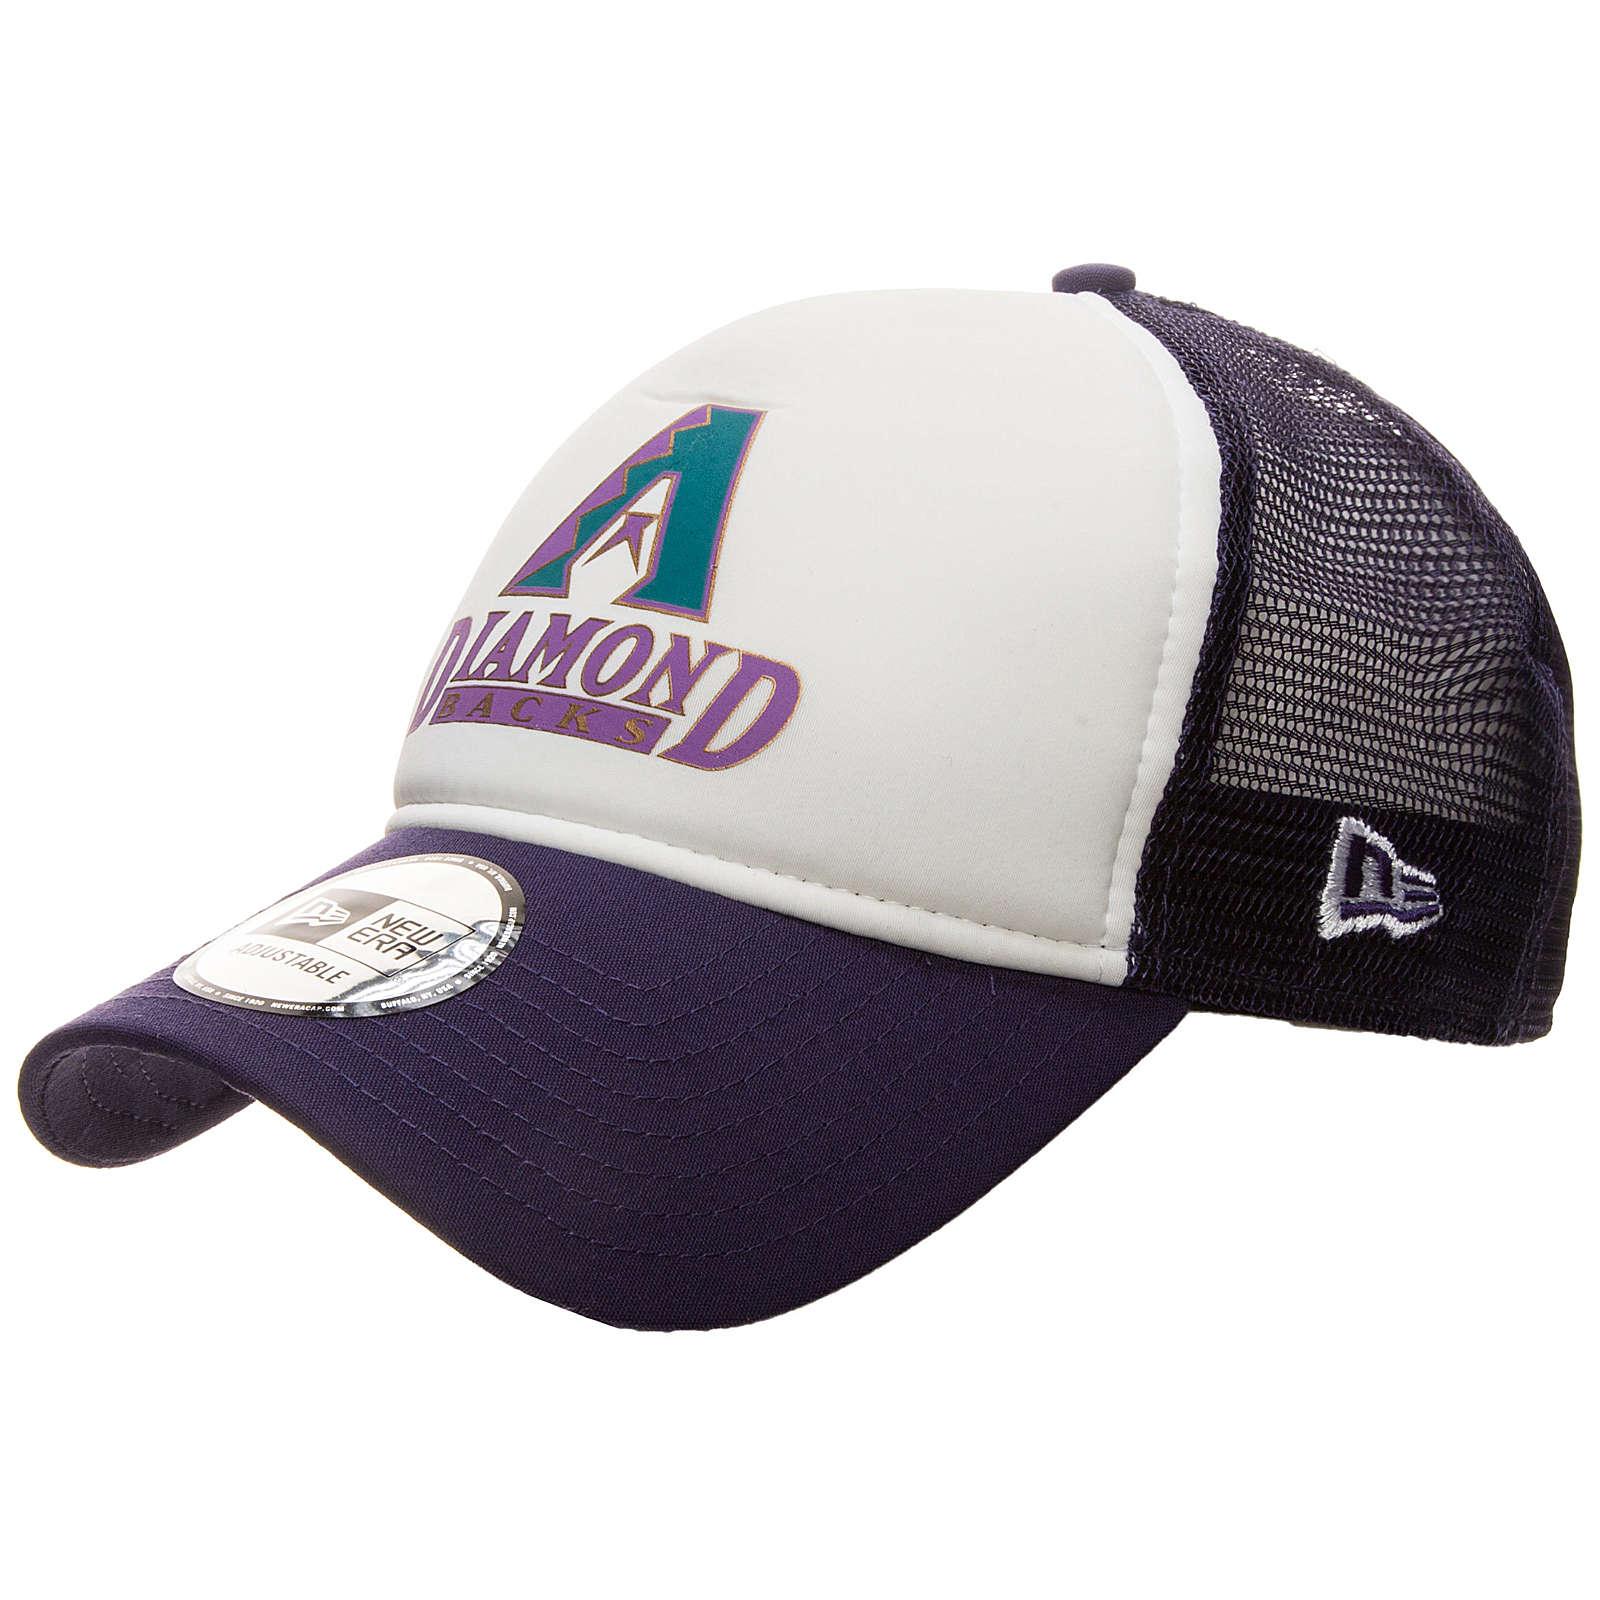 New Era 9FORTY MLB Arizona Diamondbacks Trucker...